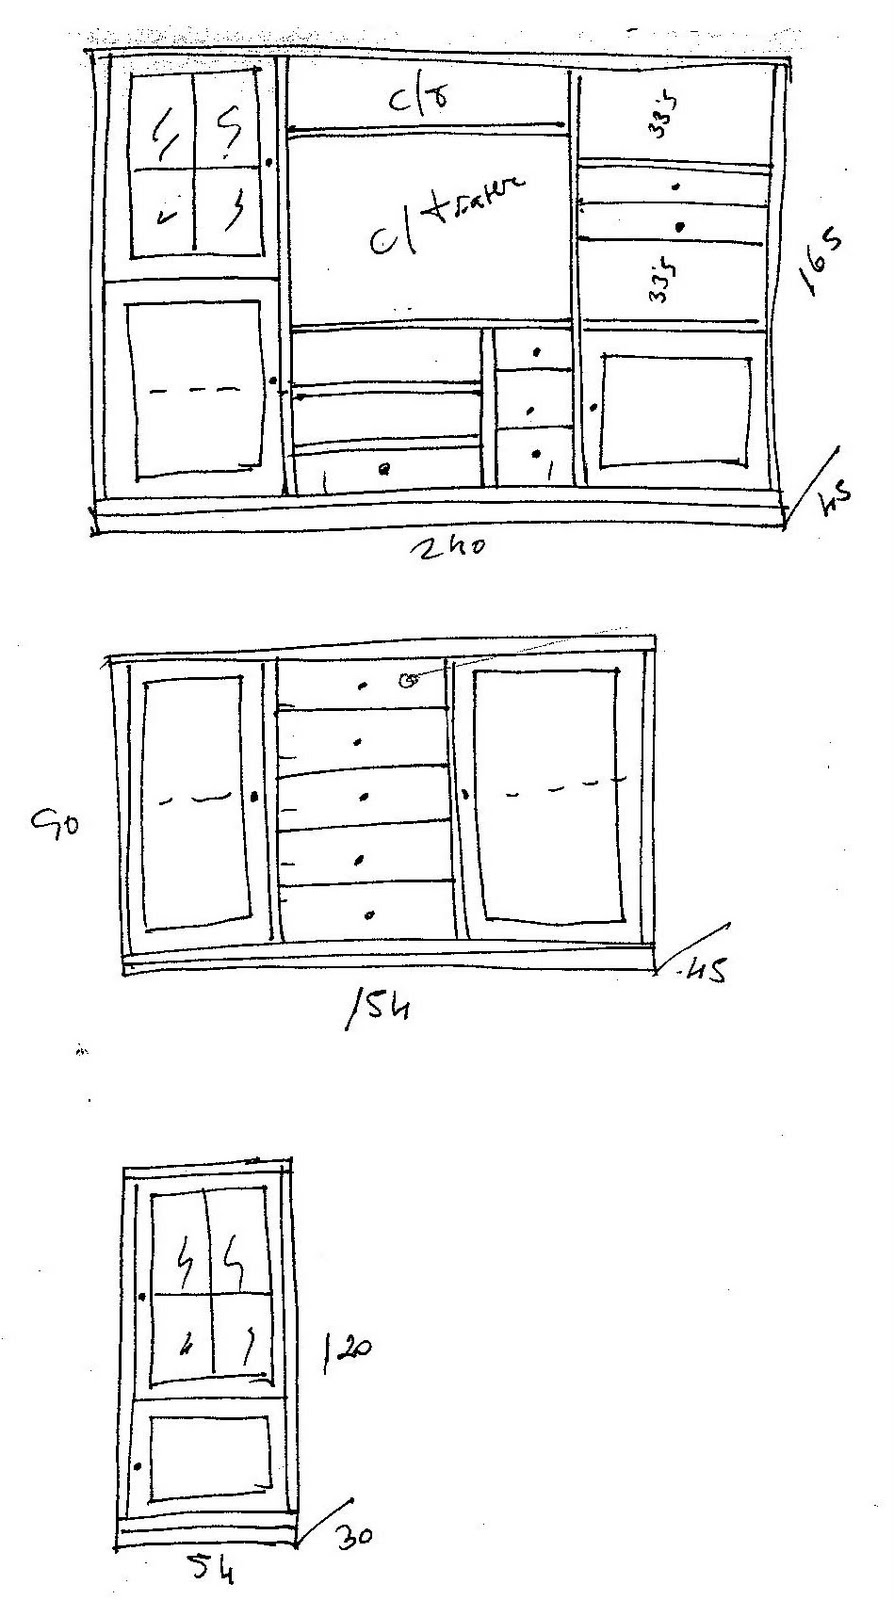 Muebles De Sal N En Venta 1er Bloque Mueble Principal